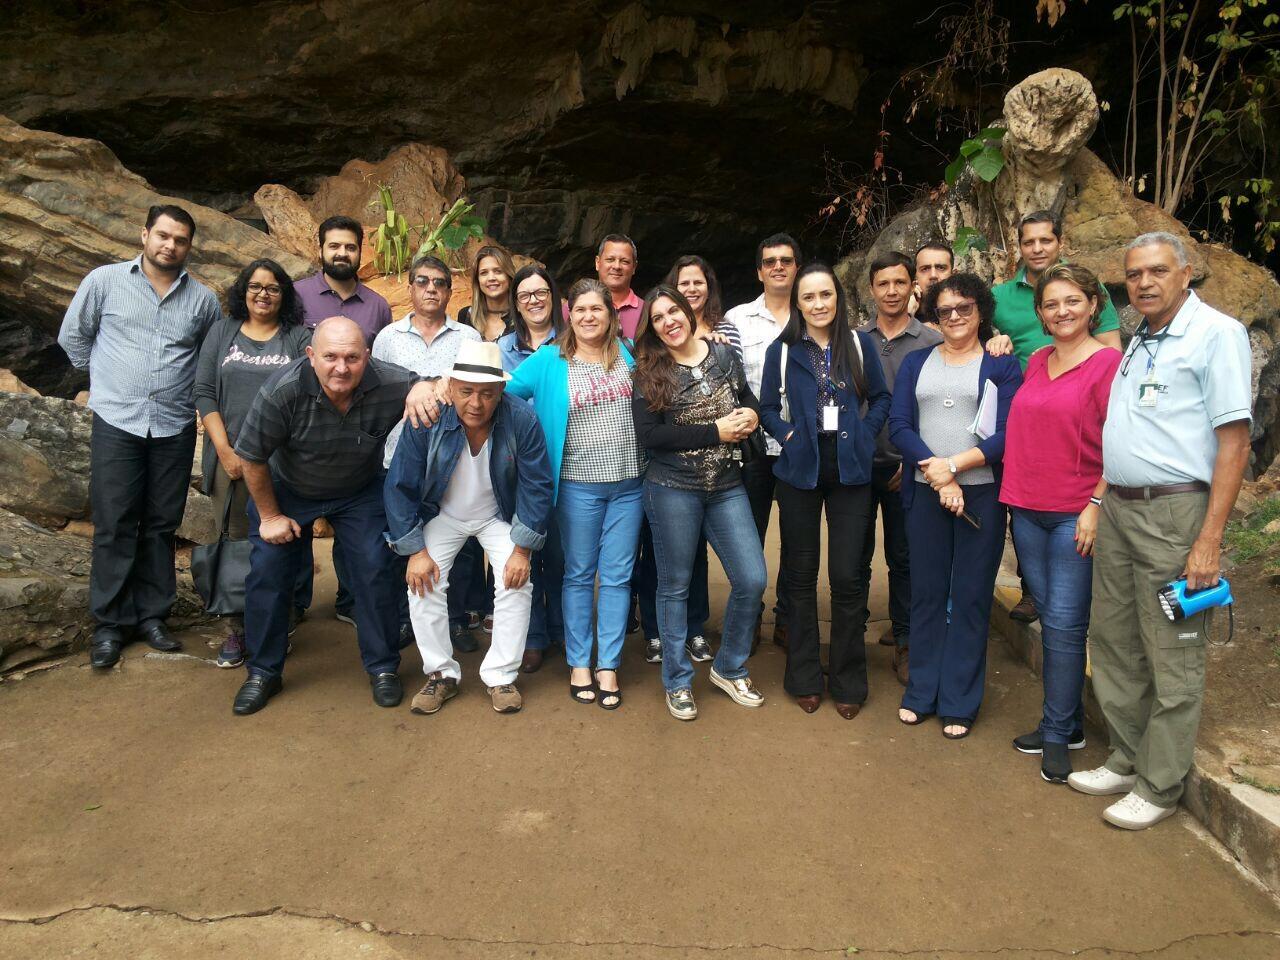 Circuito das Grutas promove visita a pontos turísticos da região